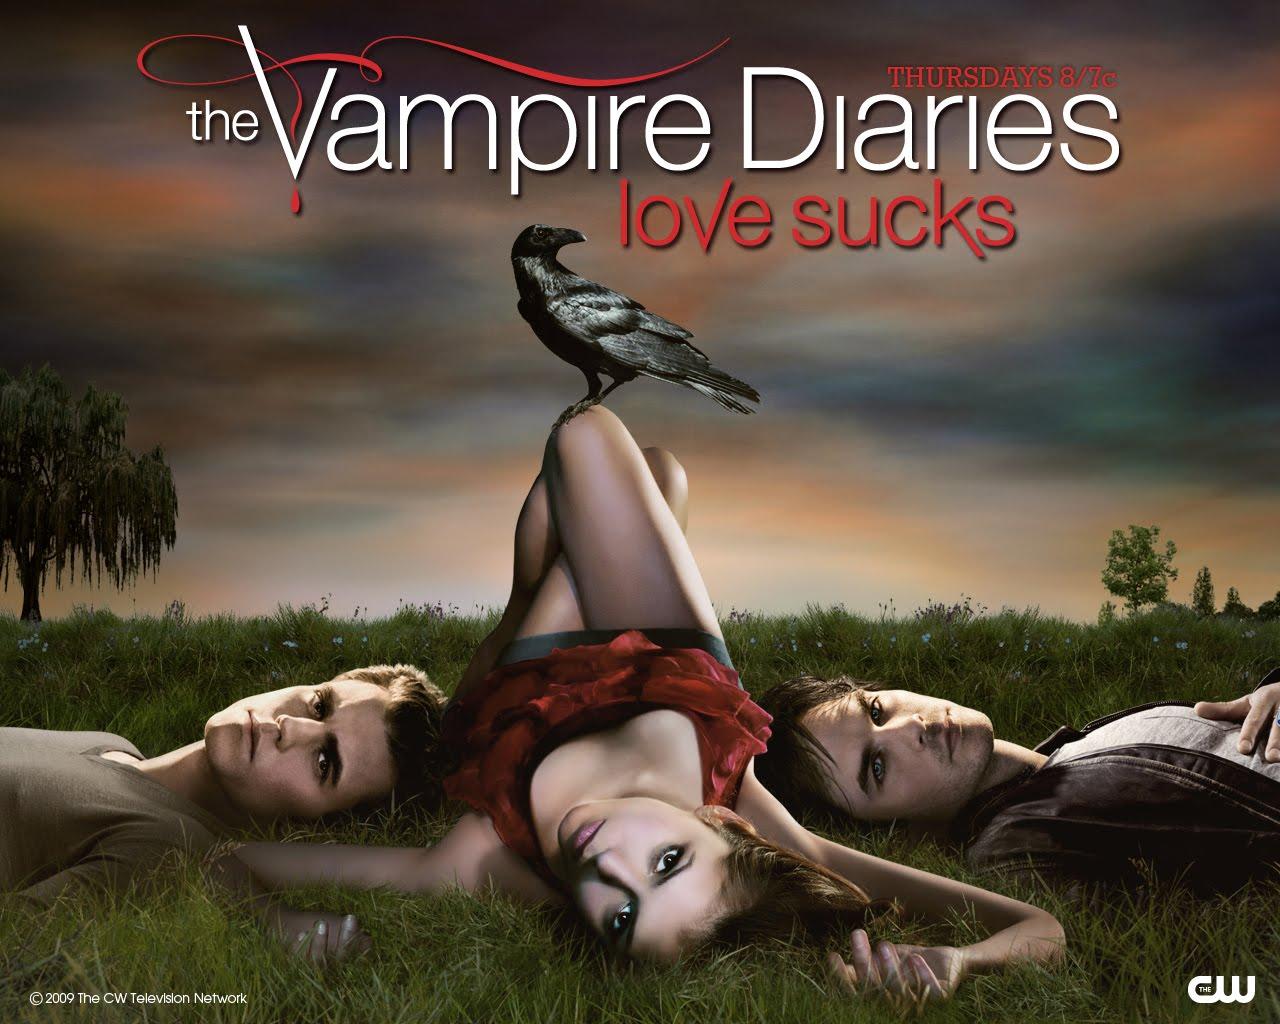 http://4.bp.blogspot.com/_2U3U6AwE-ZQ/S6pbMuAdVDI/AAAAAAAAAII/rre4LhAuO38/s1600/the-vampire-diaries-002%28www.TheWallpapers.org%29.jpg